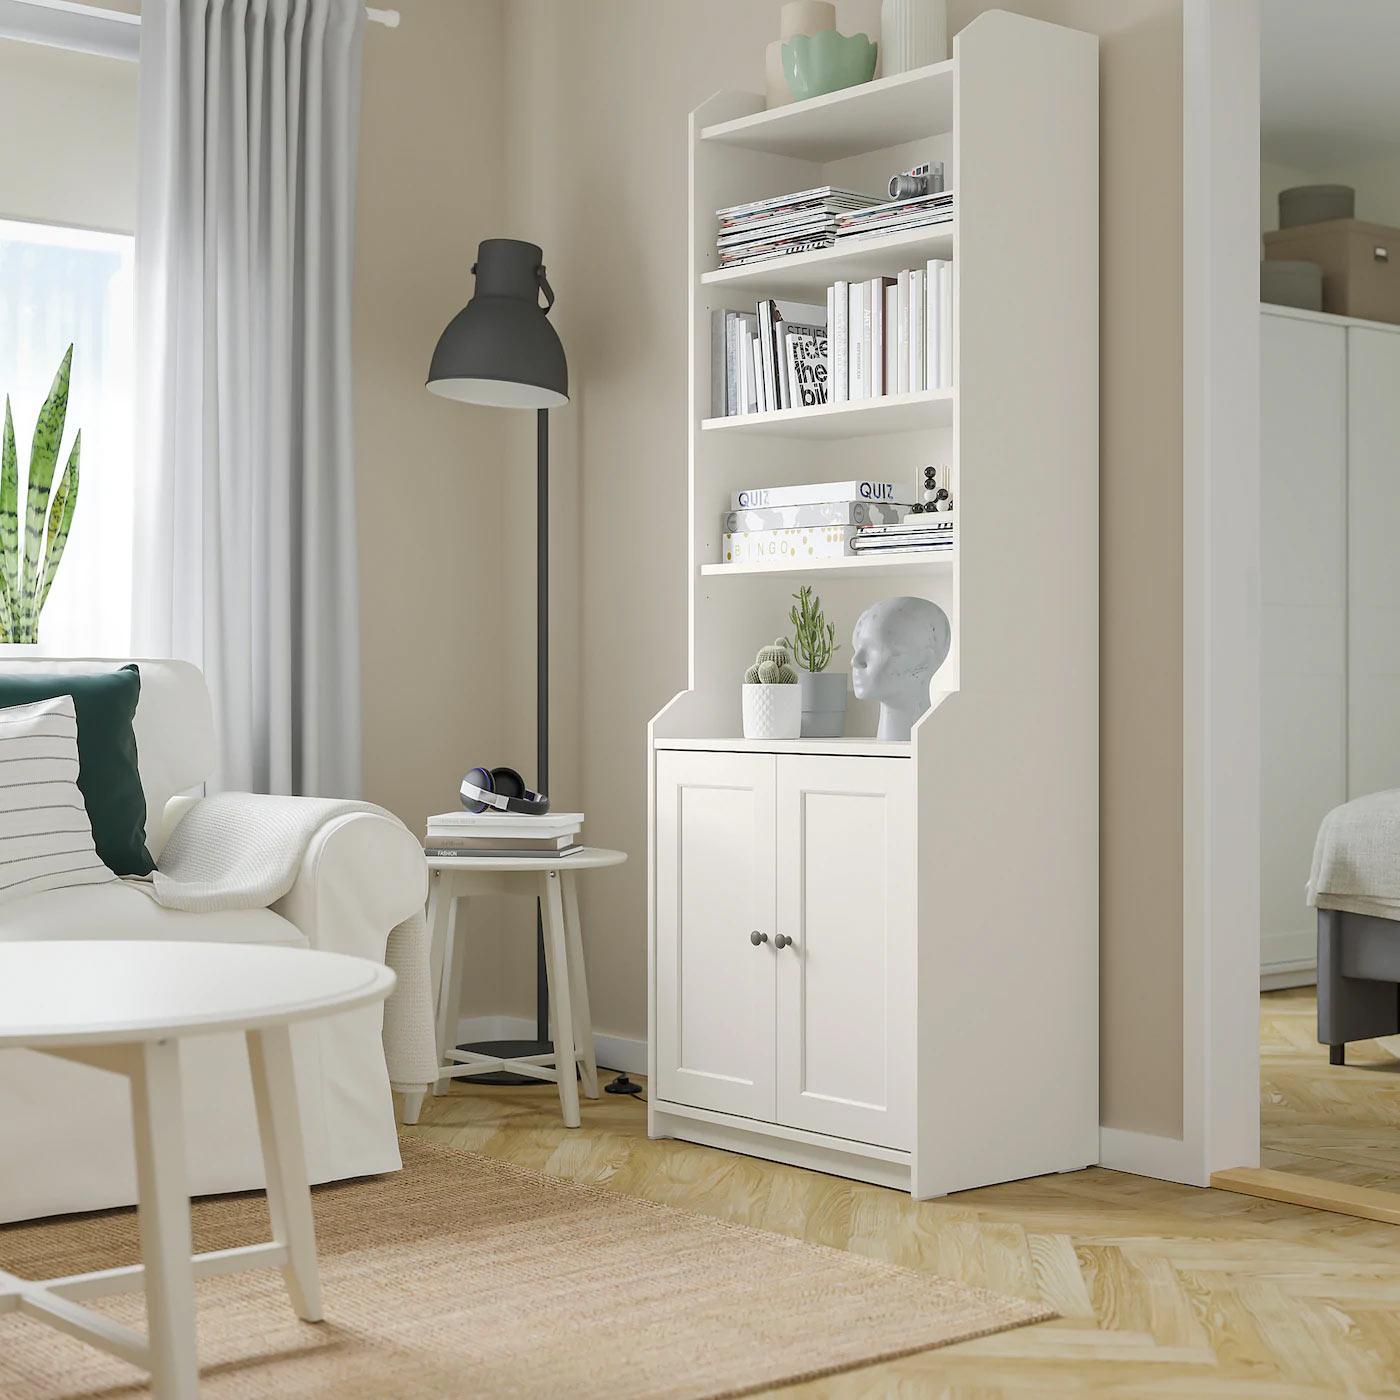 Arredamento Shabby Chic IKEA: 15 mobili per la casa